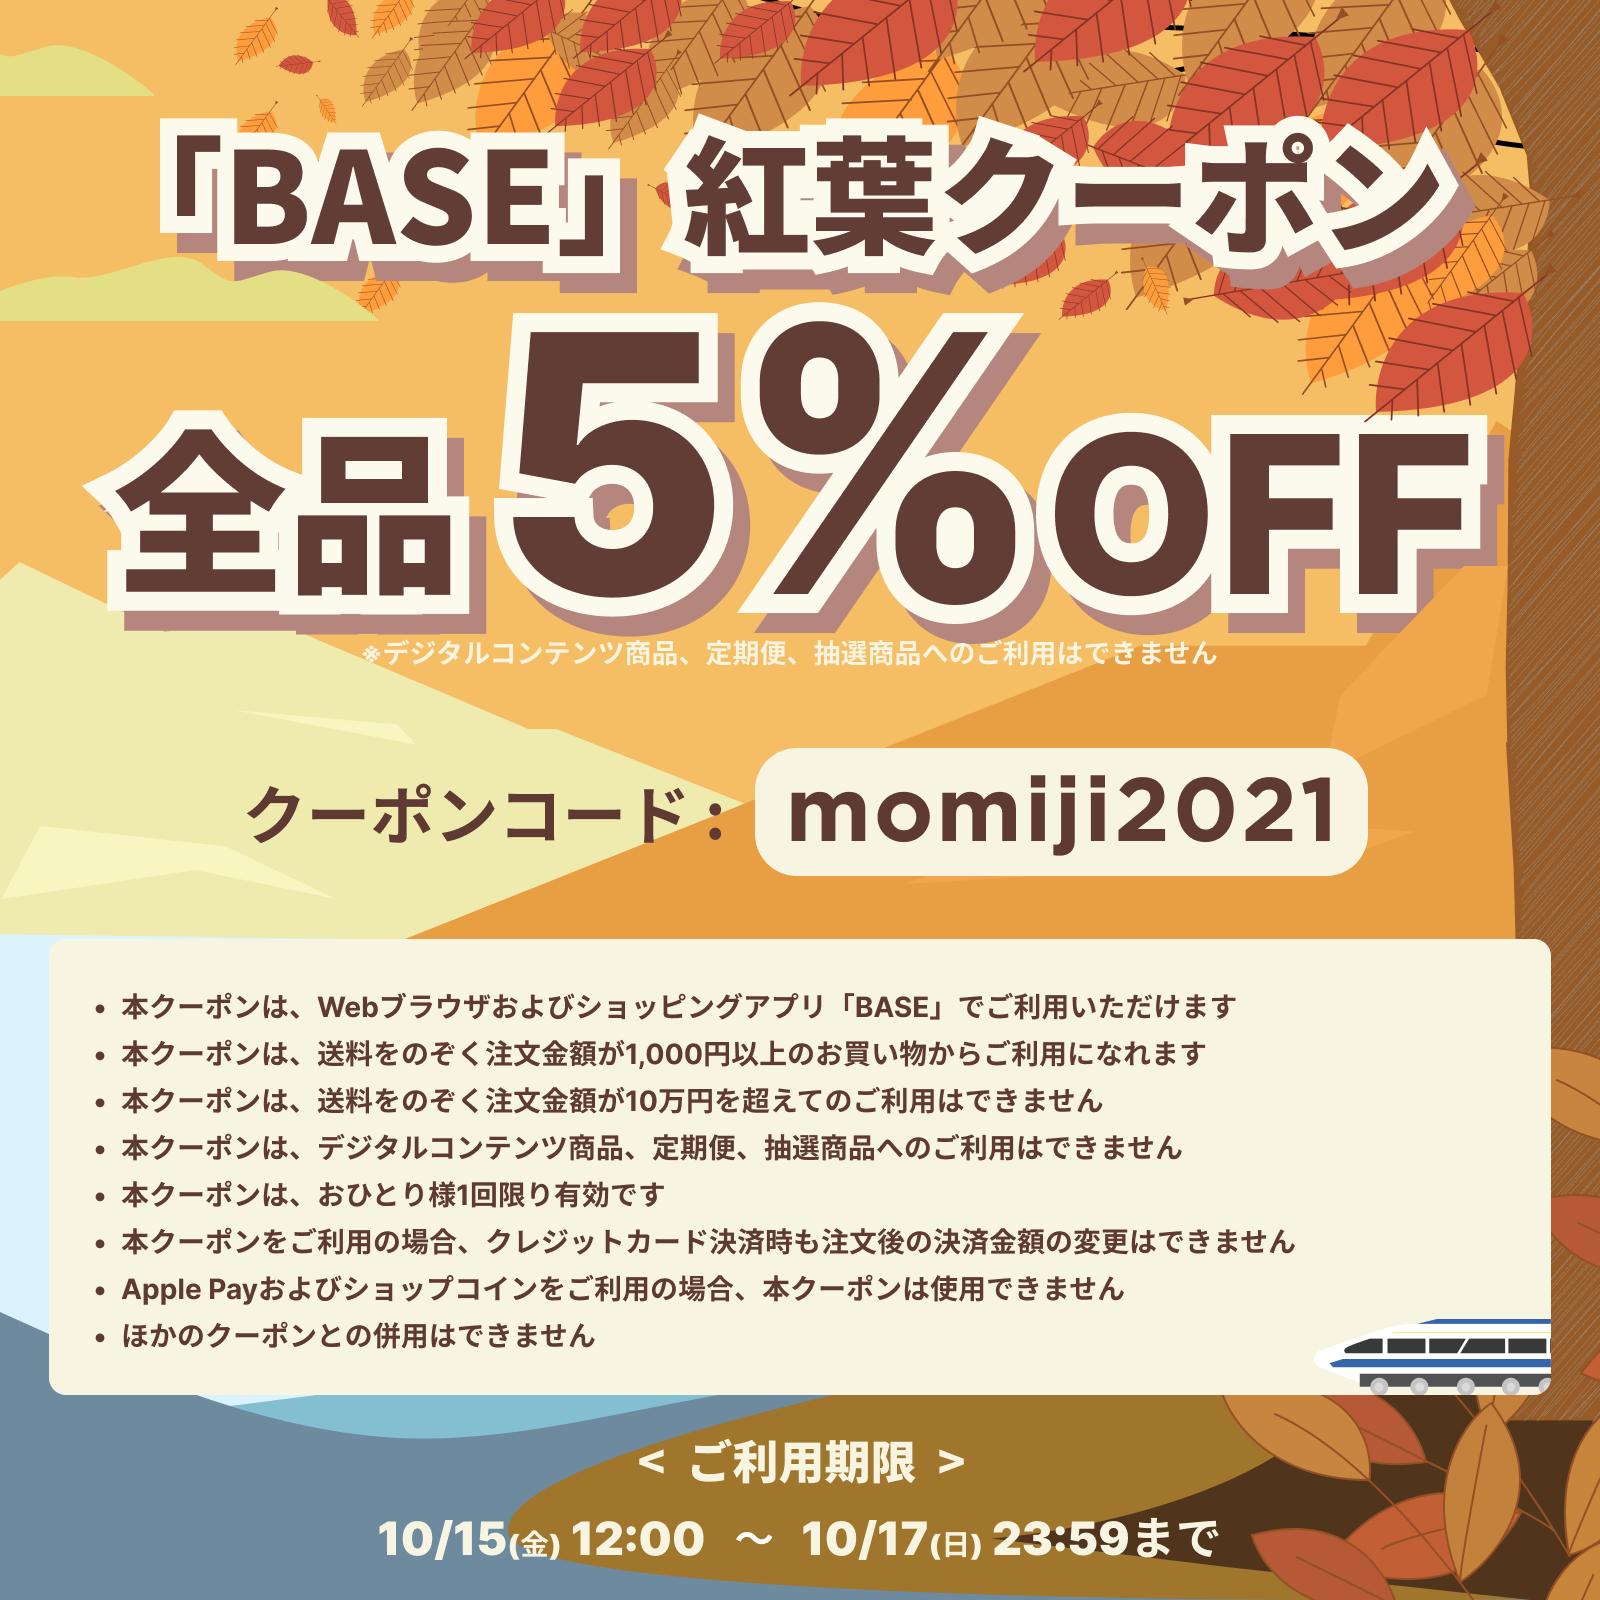 【10/15~10/17 期間限定】 「BASE」紅葉クーポンキャンペーンを実施。